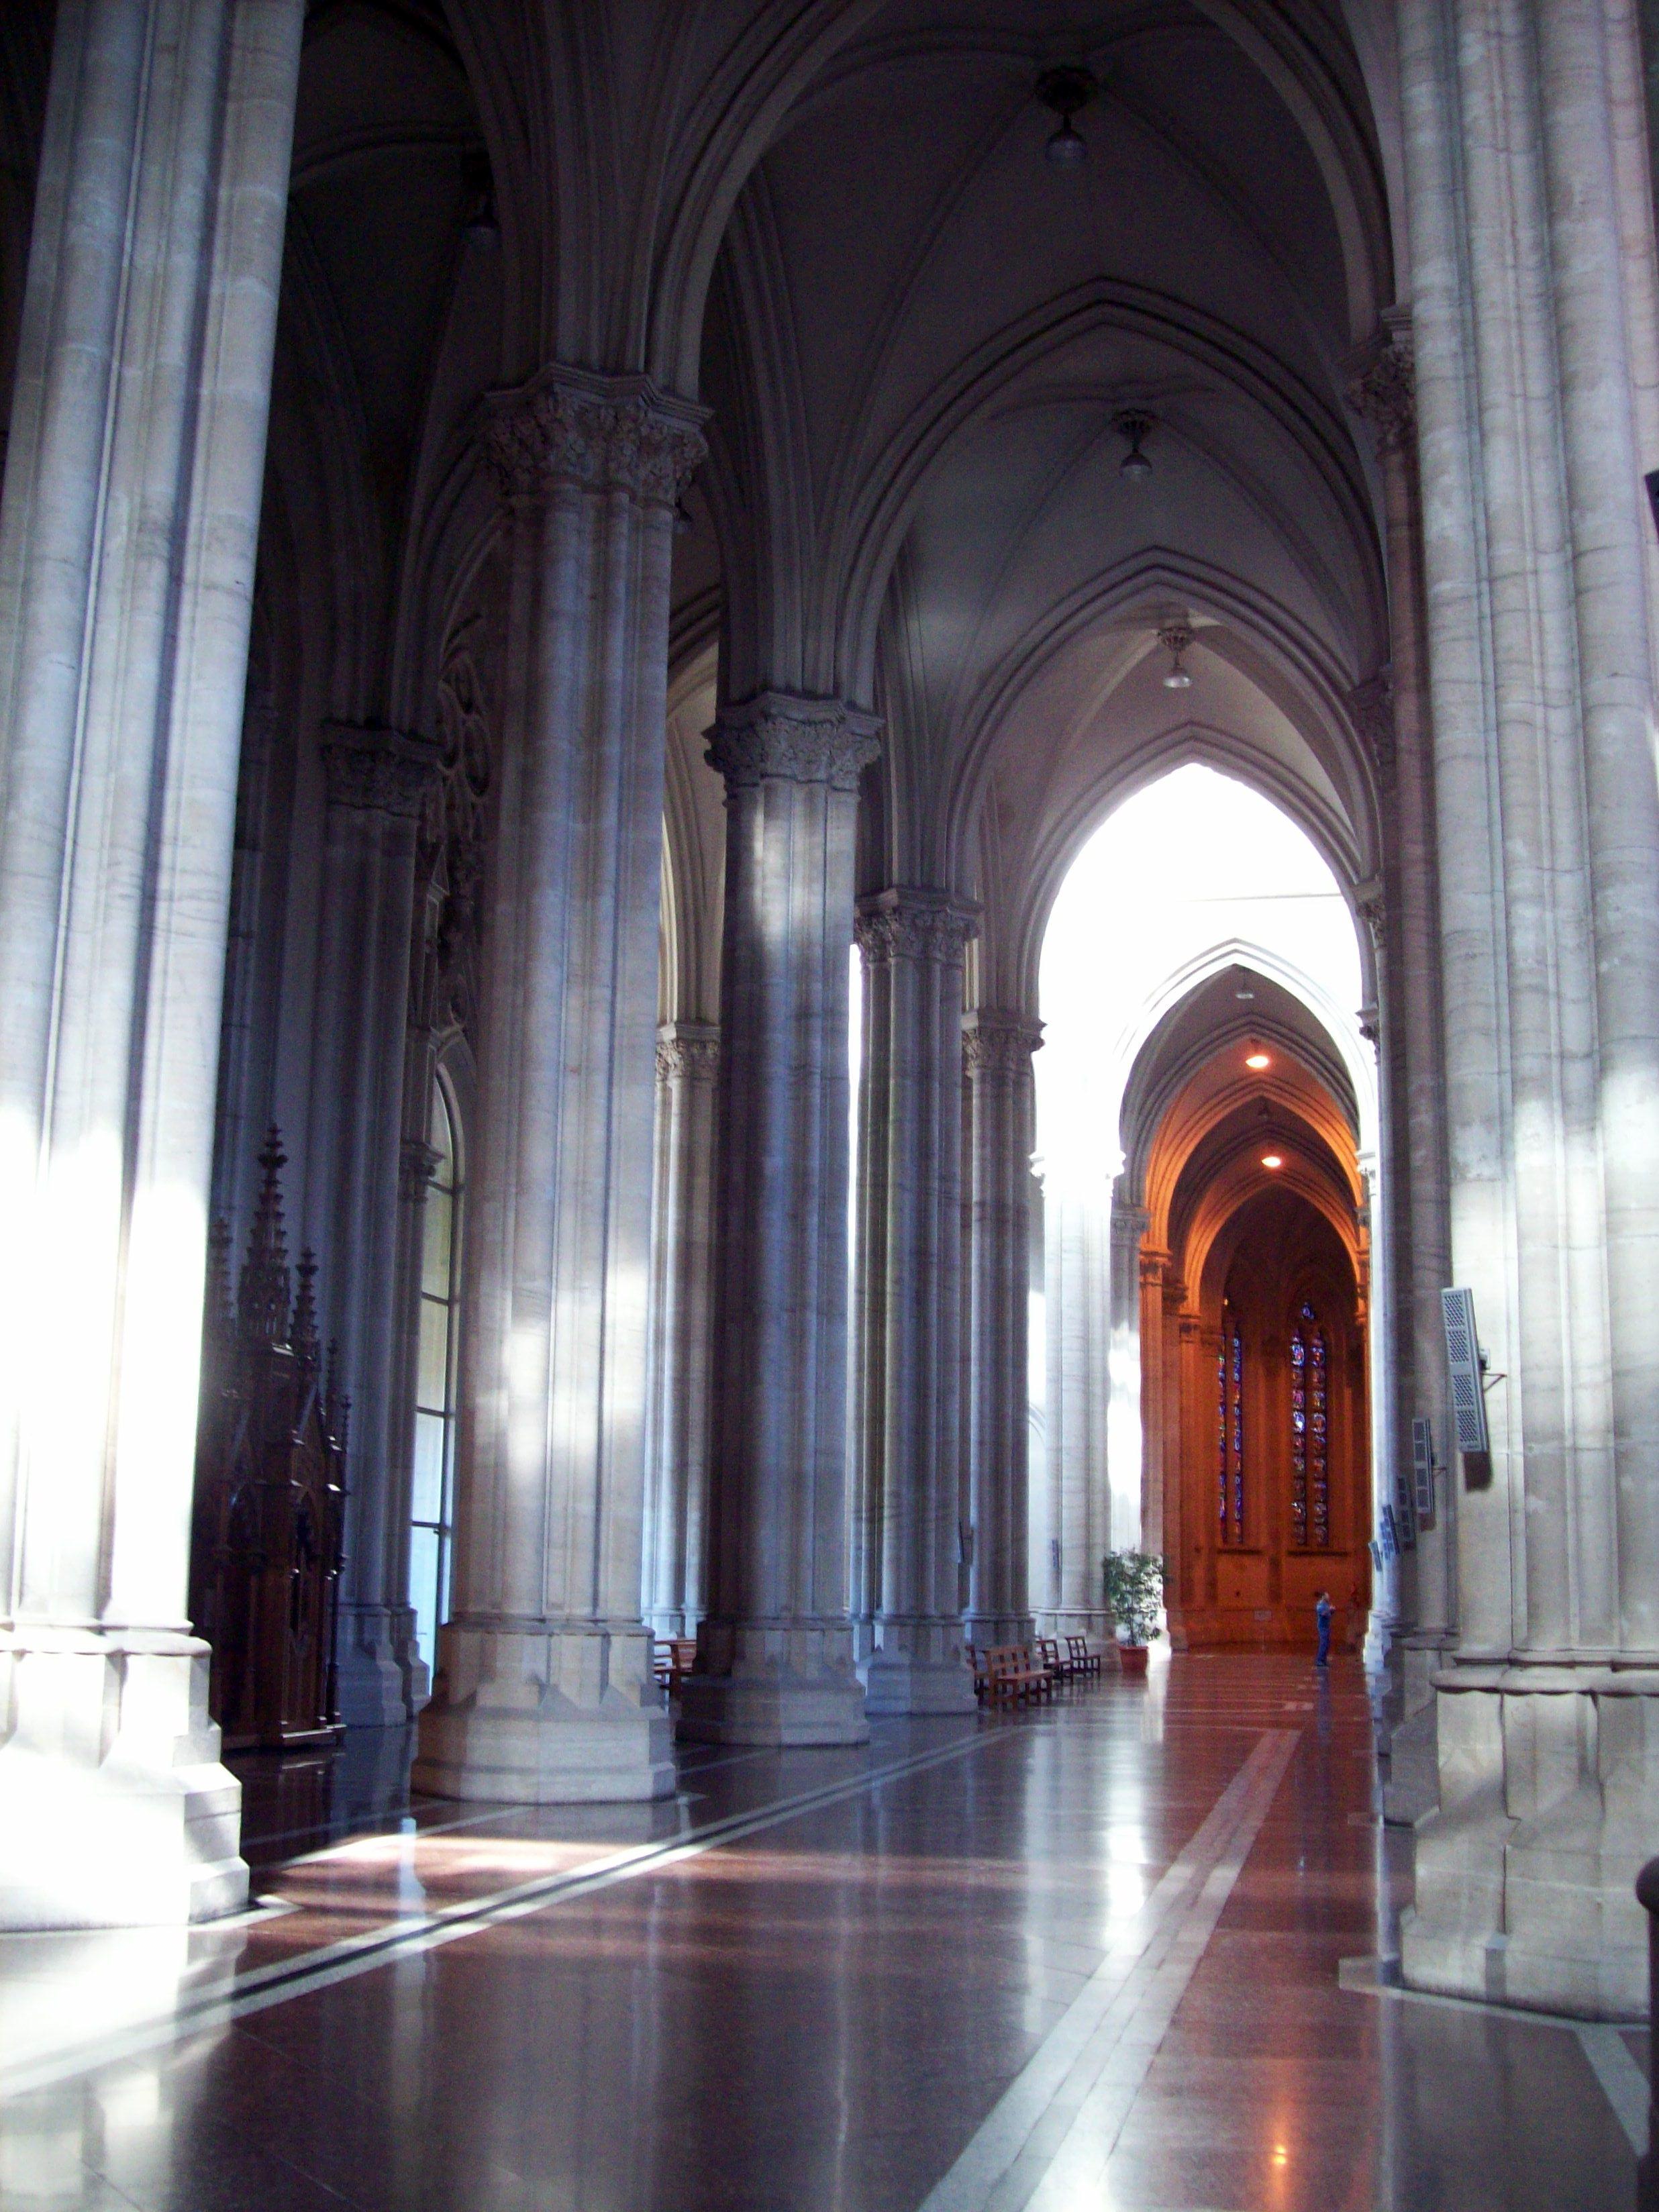 Aventuras De Misterio Interior_de_la_Catedral_de_La_Plata_II_-_Pilares